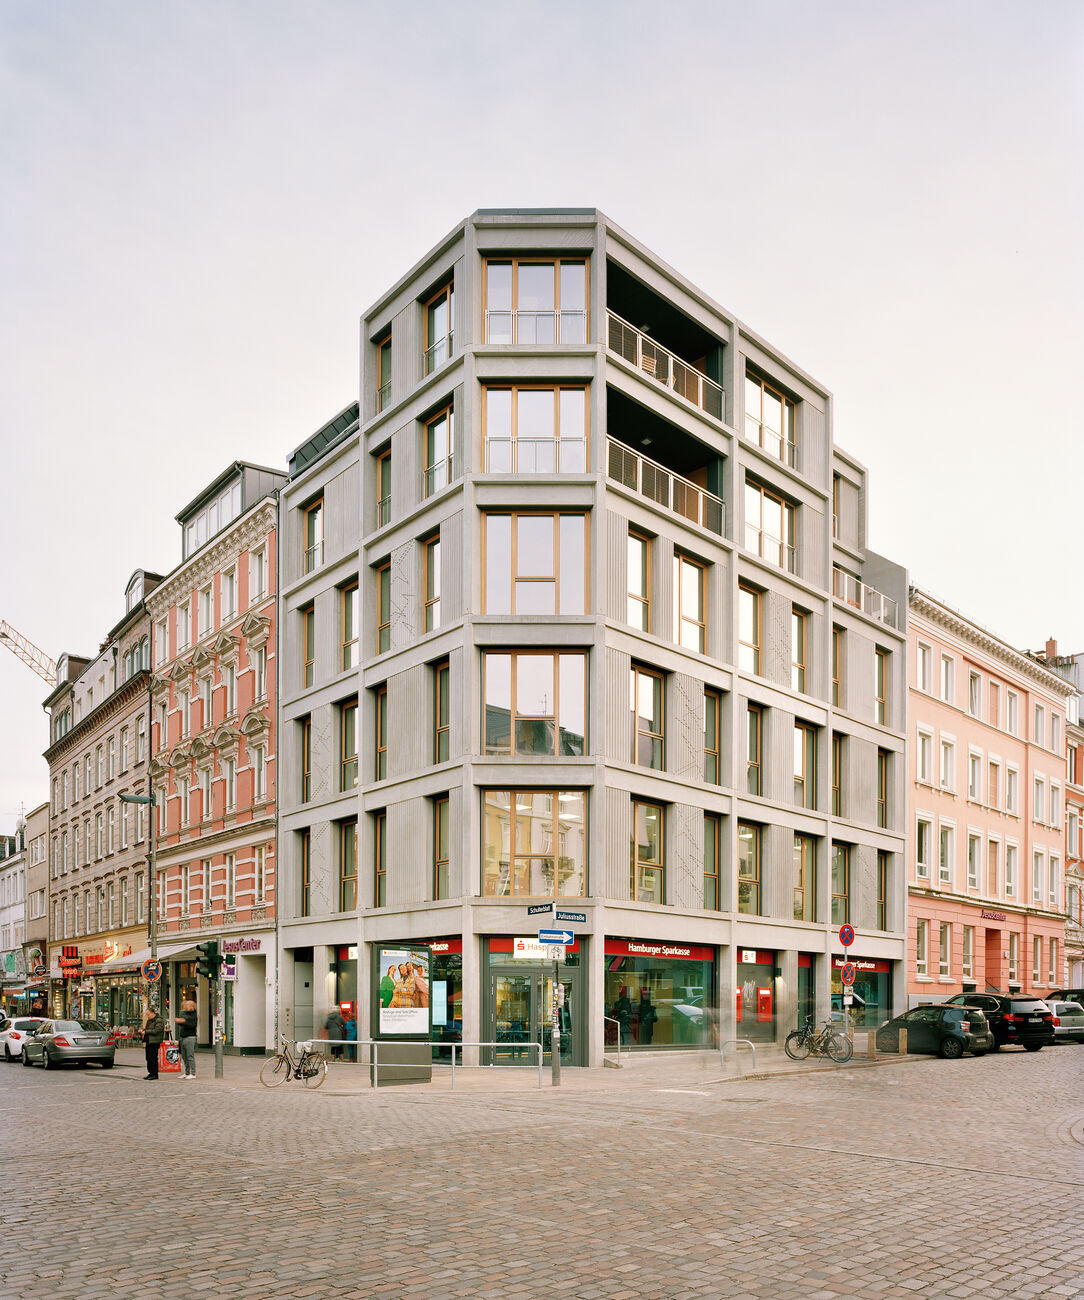 Wohn- und Geschäftshaus Schulterblatt, Hamburg, Deutschland